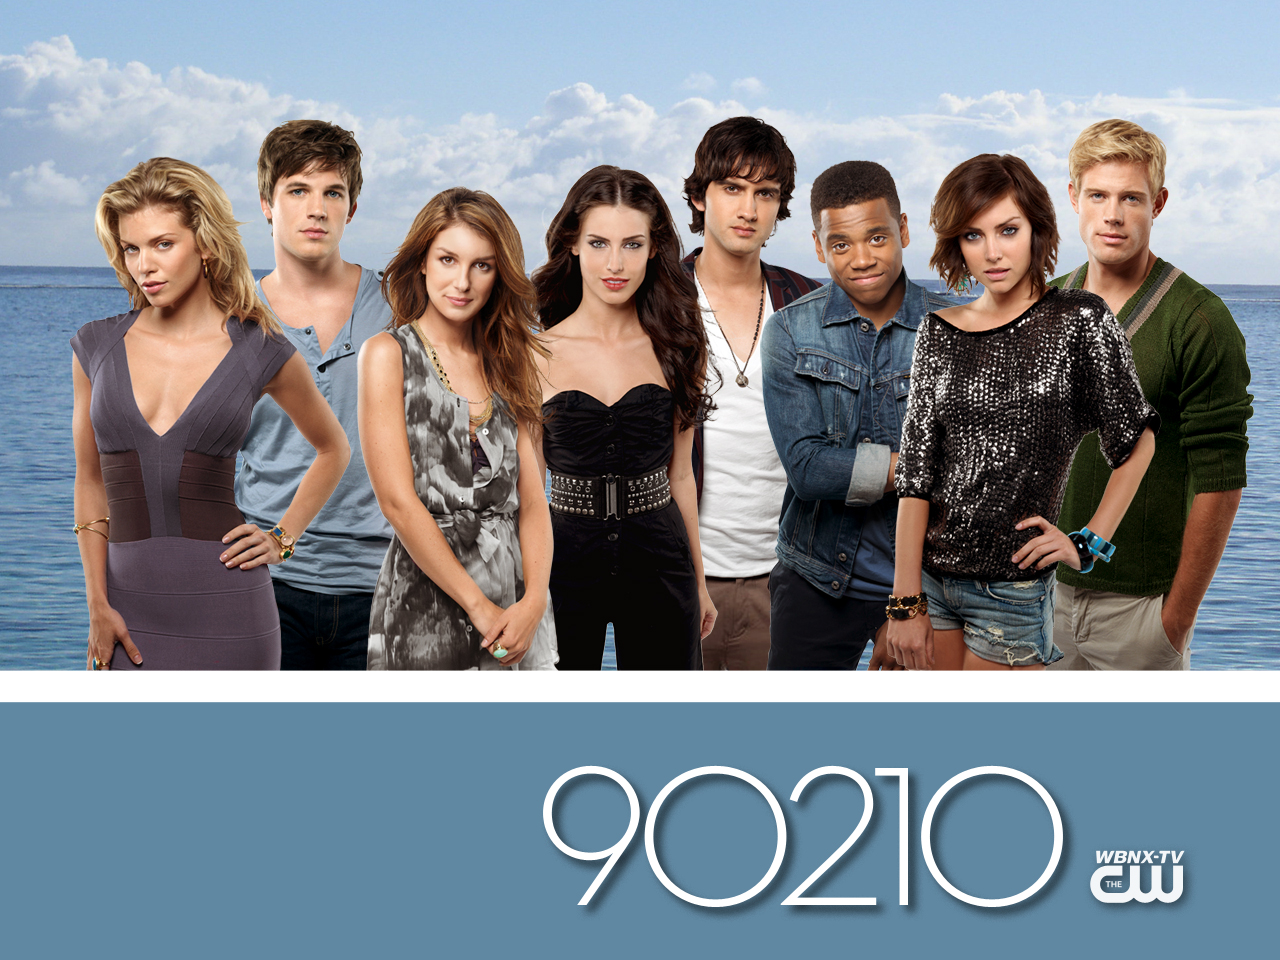 90210 annie and liam meet